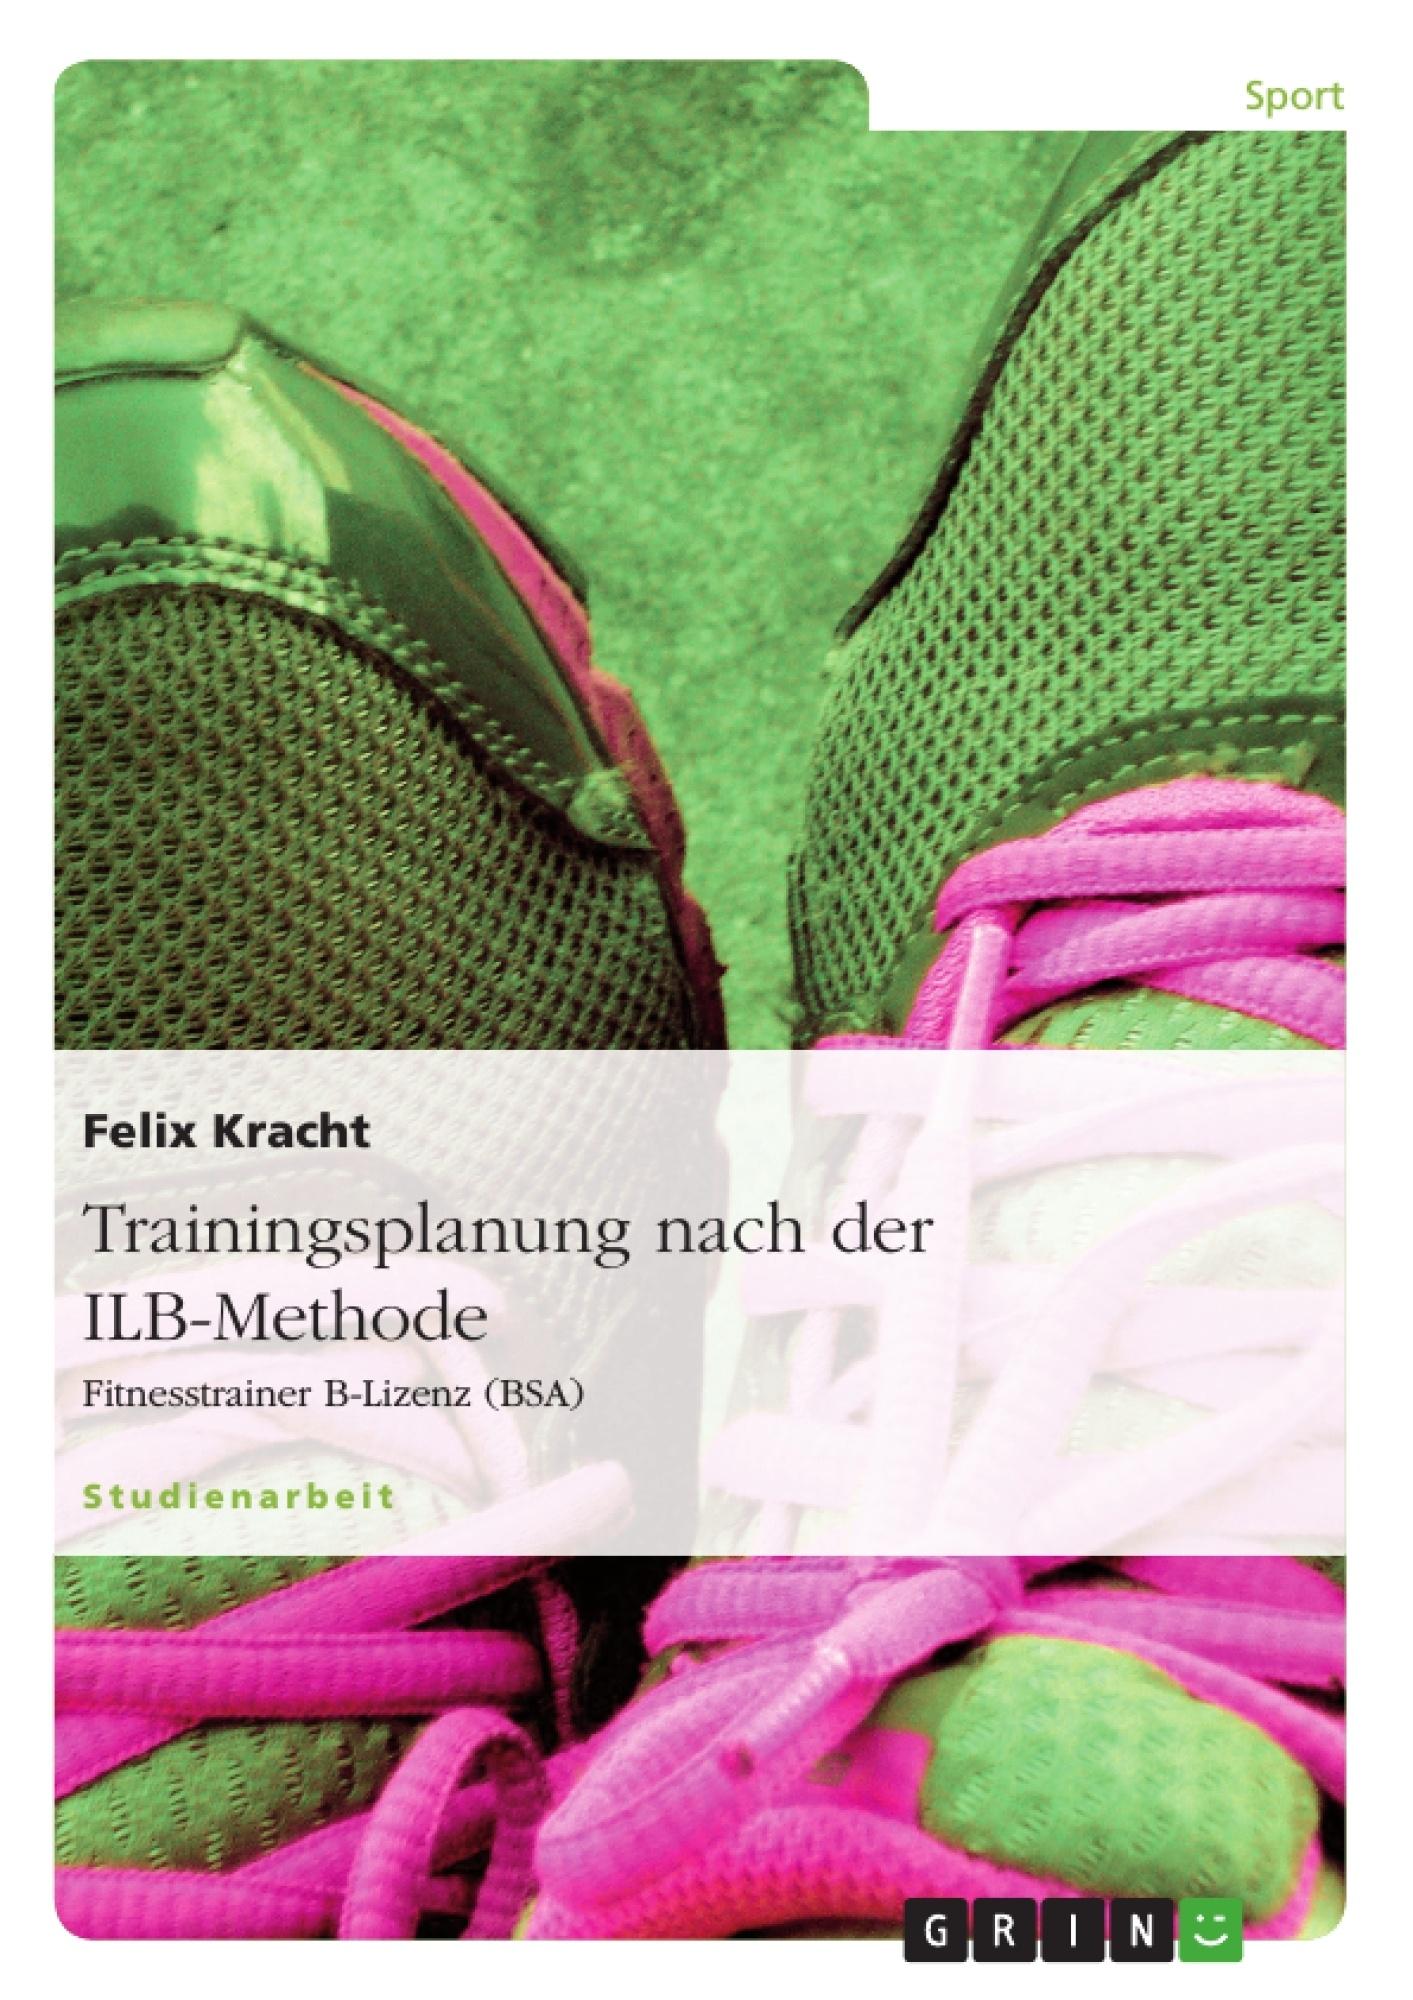 Titel: Trainingsplanung nach der ILB-Methode